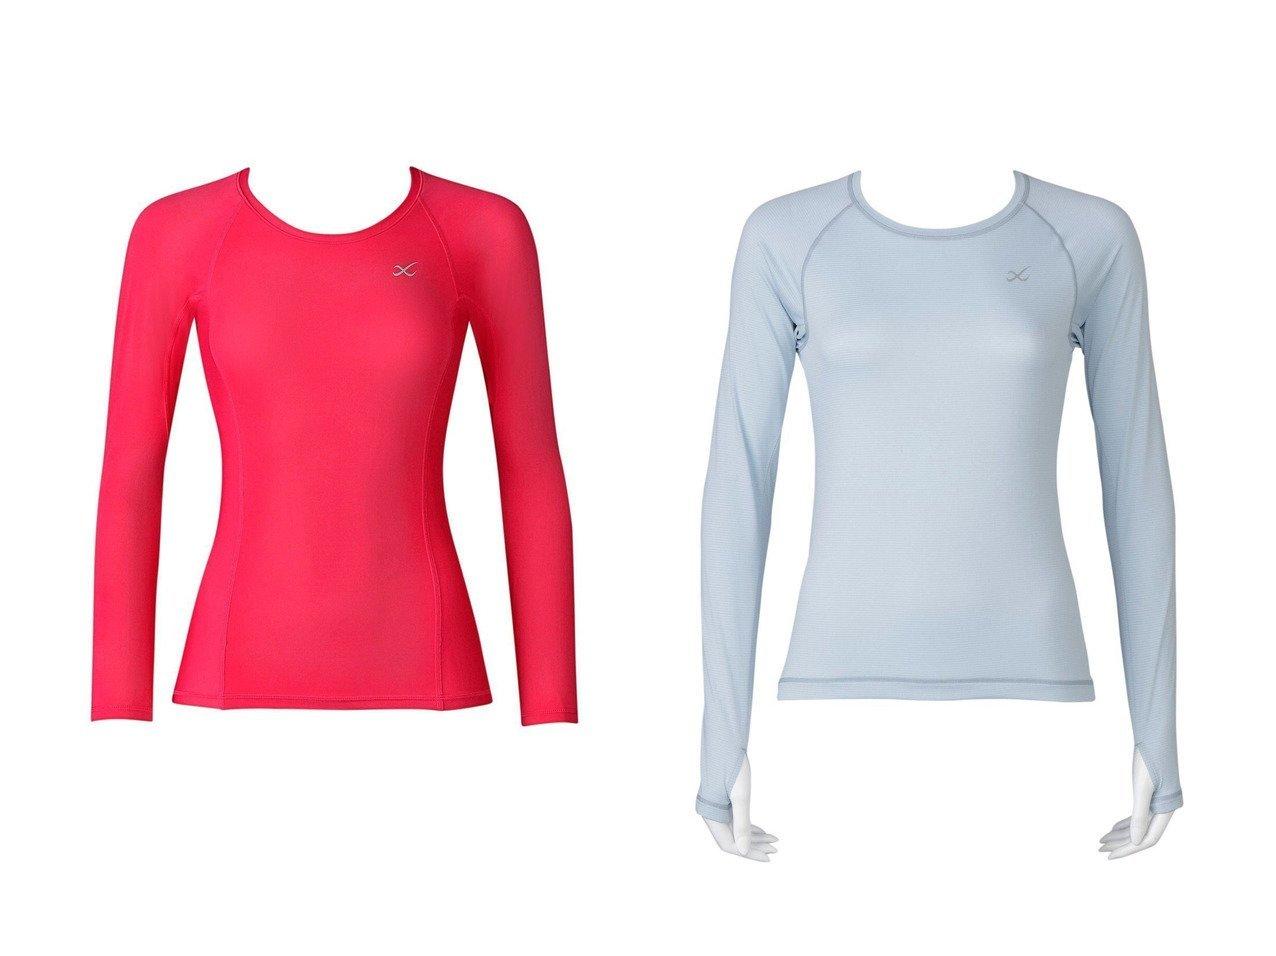 【CW-X/シーダブリューエックス】の【WOMEN】アウター Tシャツ 長袖ワコール&【WOMEN】SECOND BODY 丸首 長袖ワコール スポーツウェア・ヨガ・運動・ダイエットグッズなどのおすすめ!人気トレンド・ファッション通販 おすすめで人気の流行・トレンド、ファッションの通販商品 インテリア・家具・メンズファッション・キッズファッション・レディースファッション・服の通販 founy(ファニー) https://founy.com/ ファッション Fashion レディースファッション WOMEN トップス・カットソー Tops/Tshirt アウター Coat Outerwear シャツ/ブラウス Shirts/Blouses ロング / Tシャツ T-Shirts 送料無料 Free Shipping ストレッチ パターン 長袖 |ID:crp329100000041131